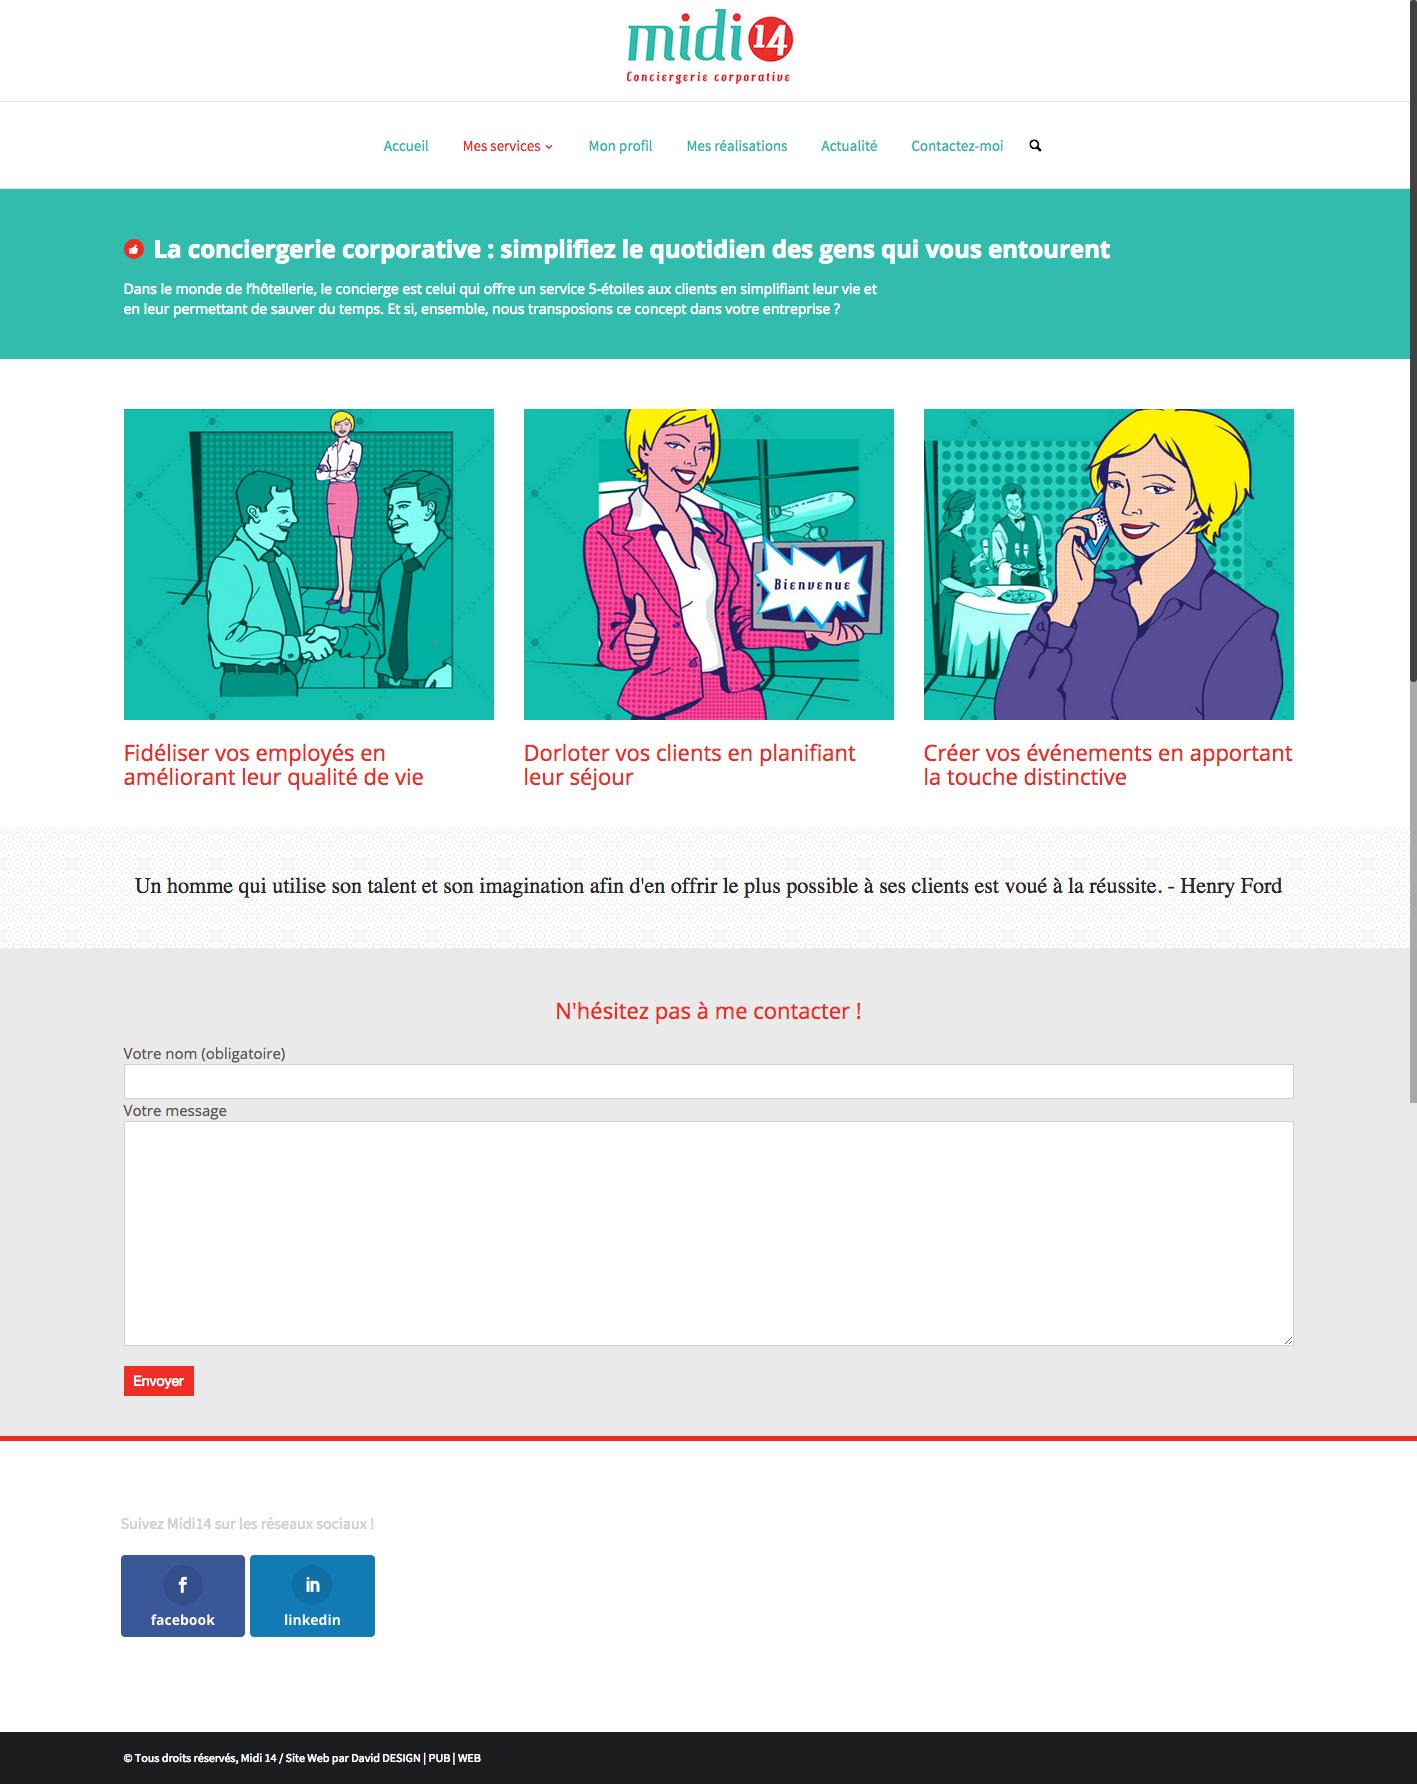 Page des services de Midi14.com